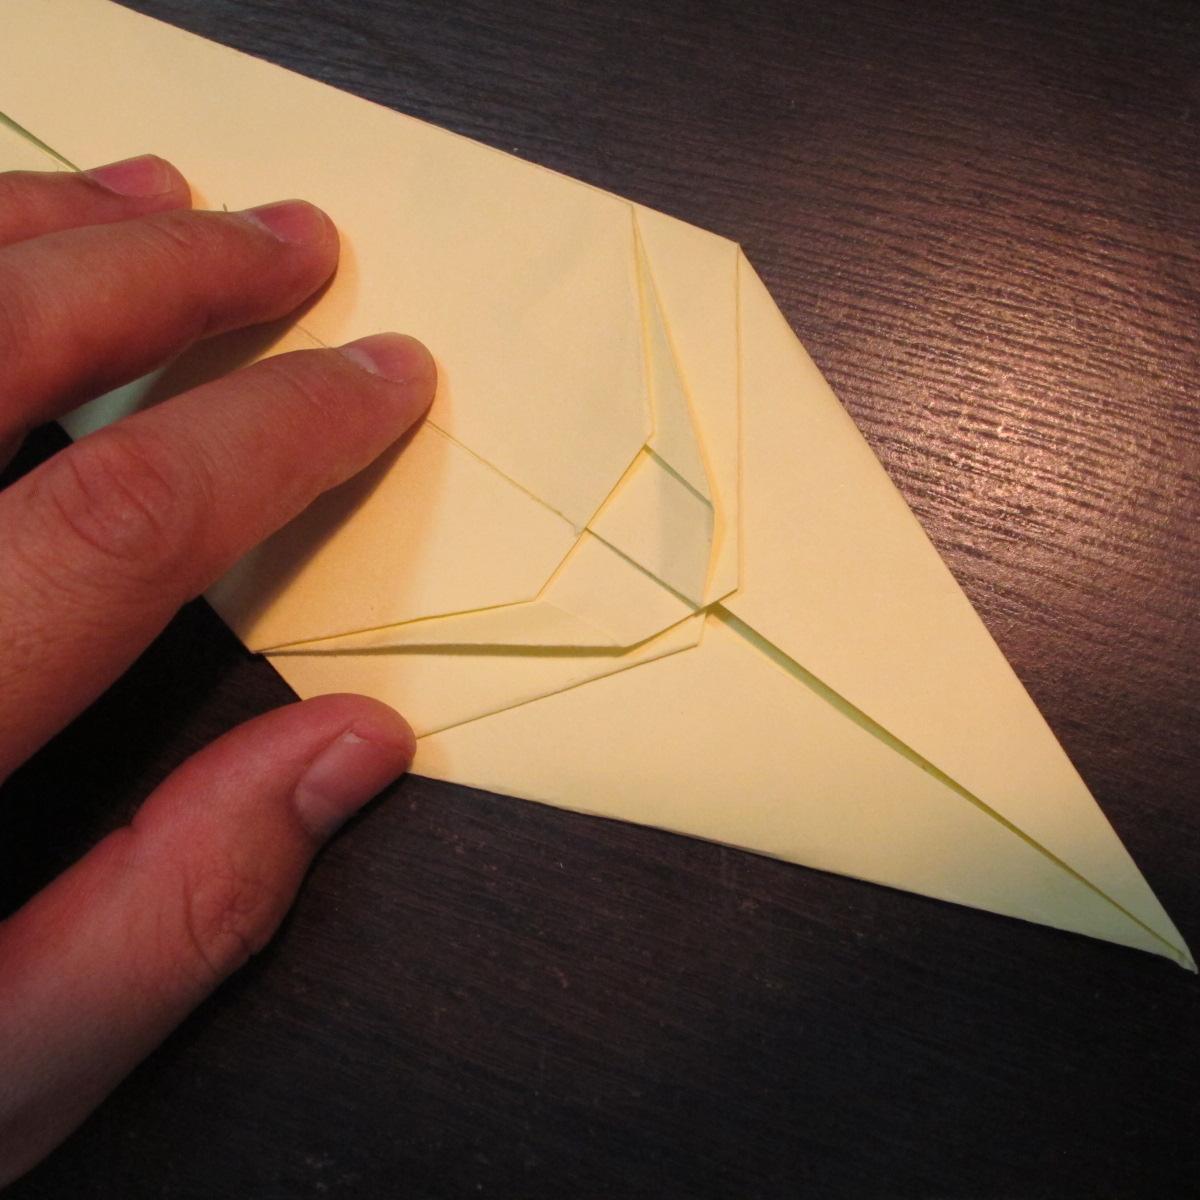 วิธีการพับกระดาษเป็นรูปหงส์ 011